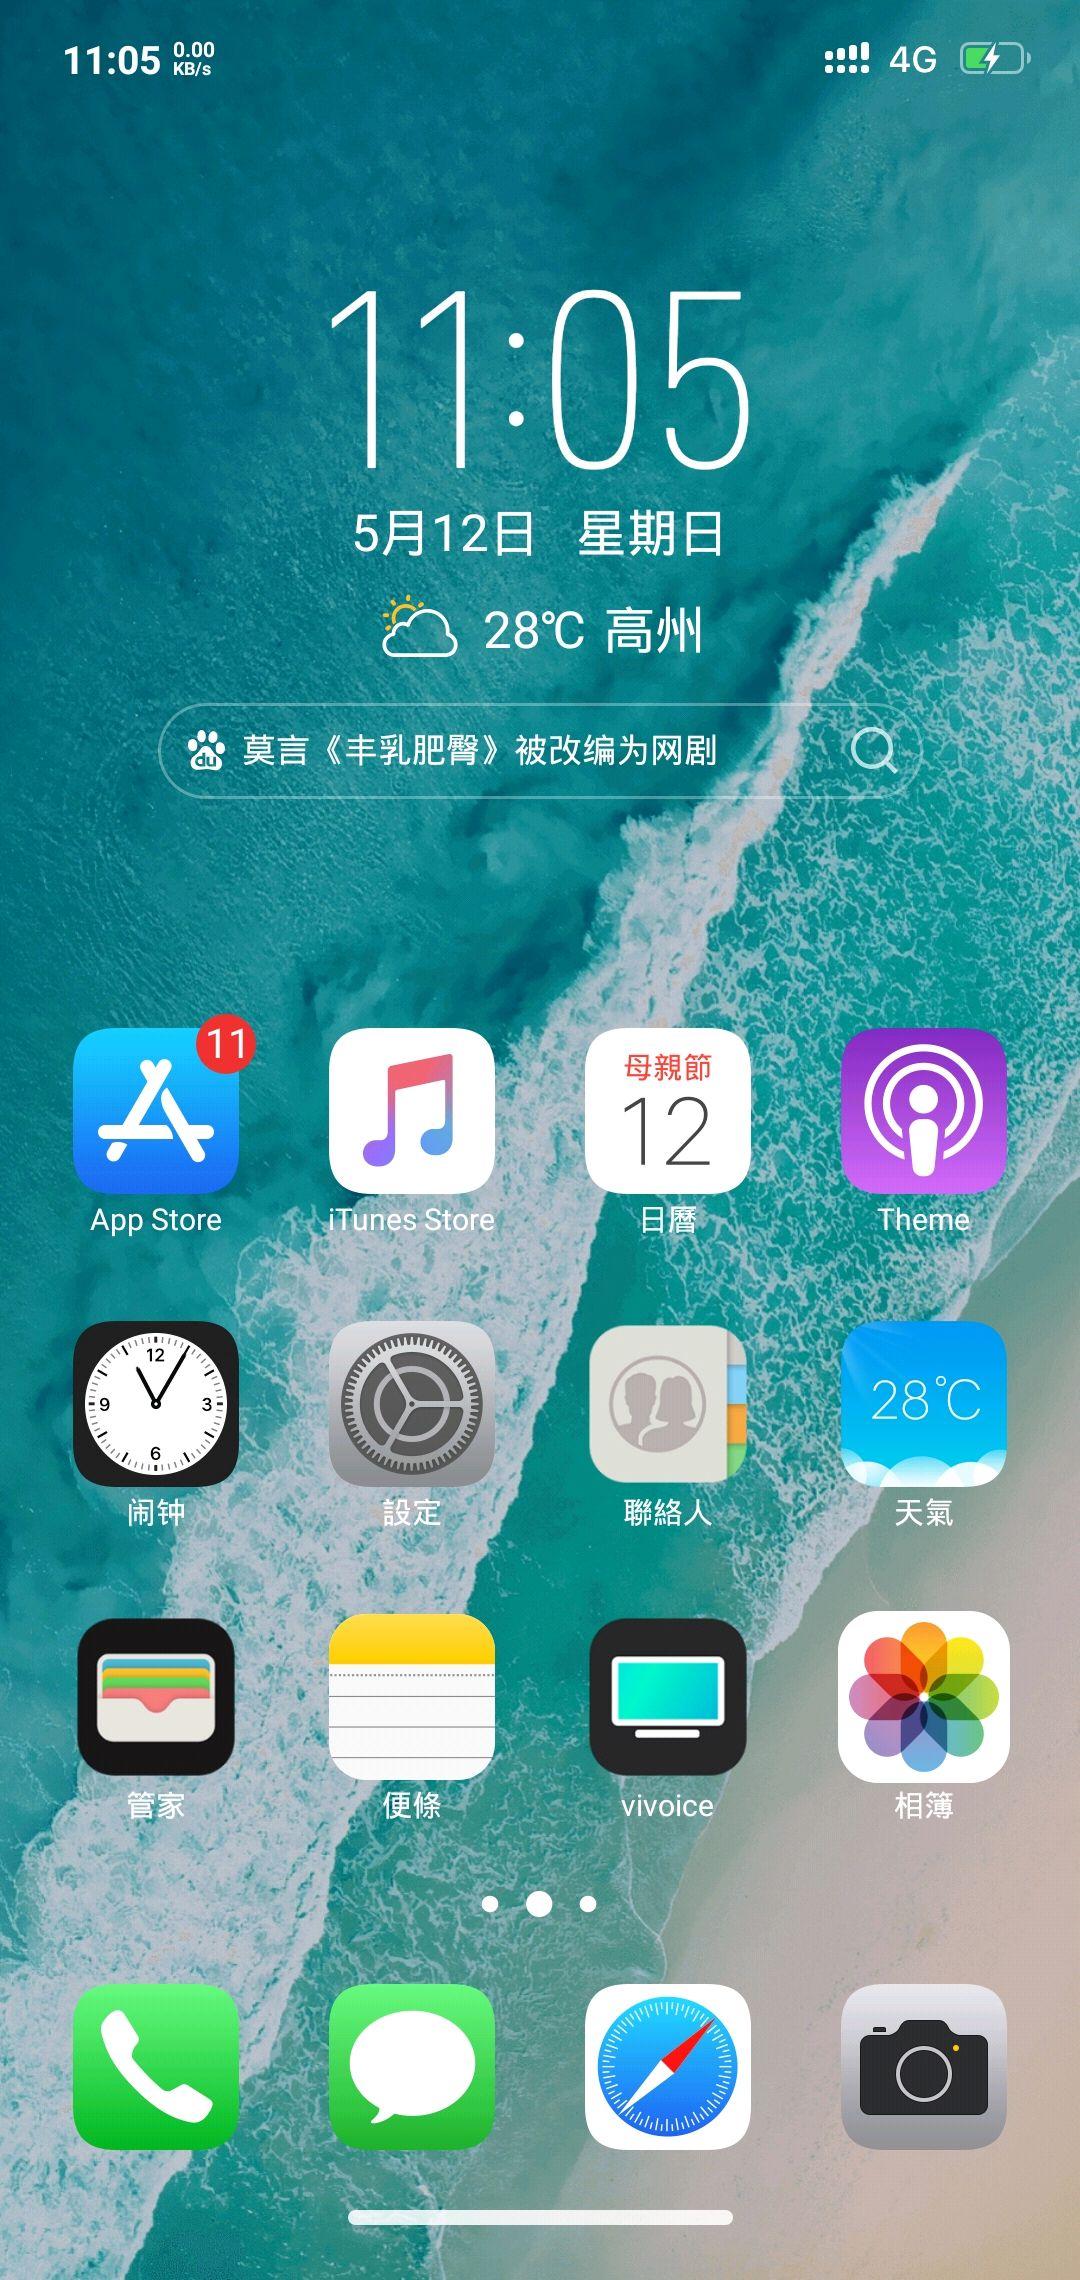 Screenshot_20190512_110505.jpg